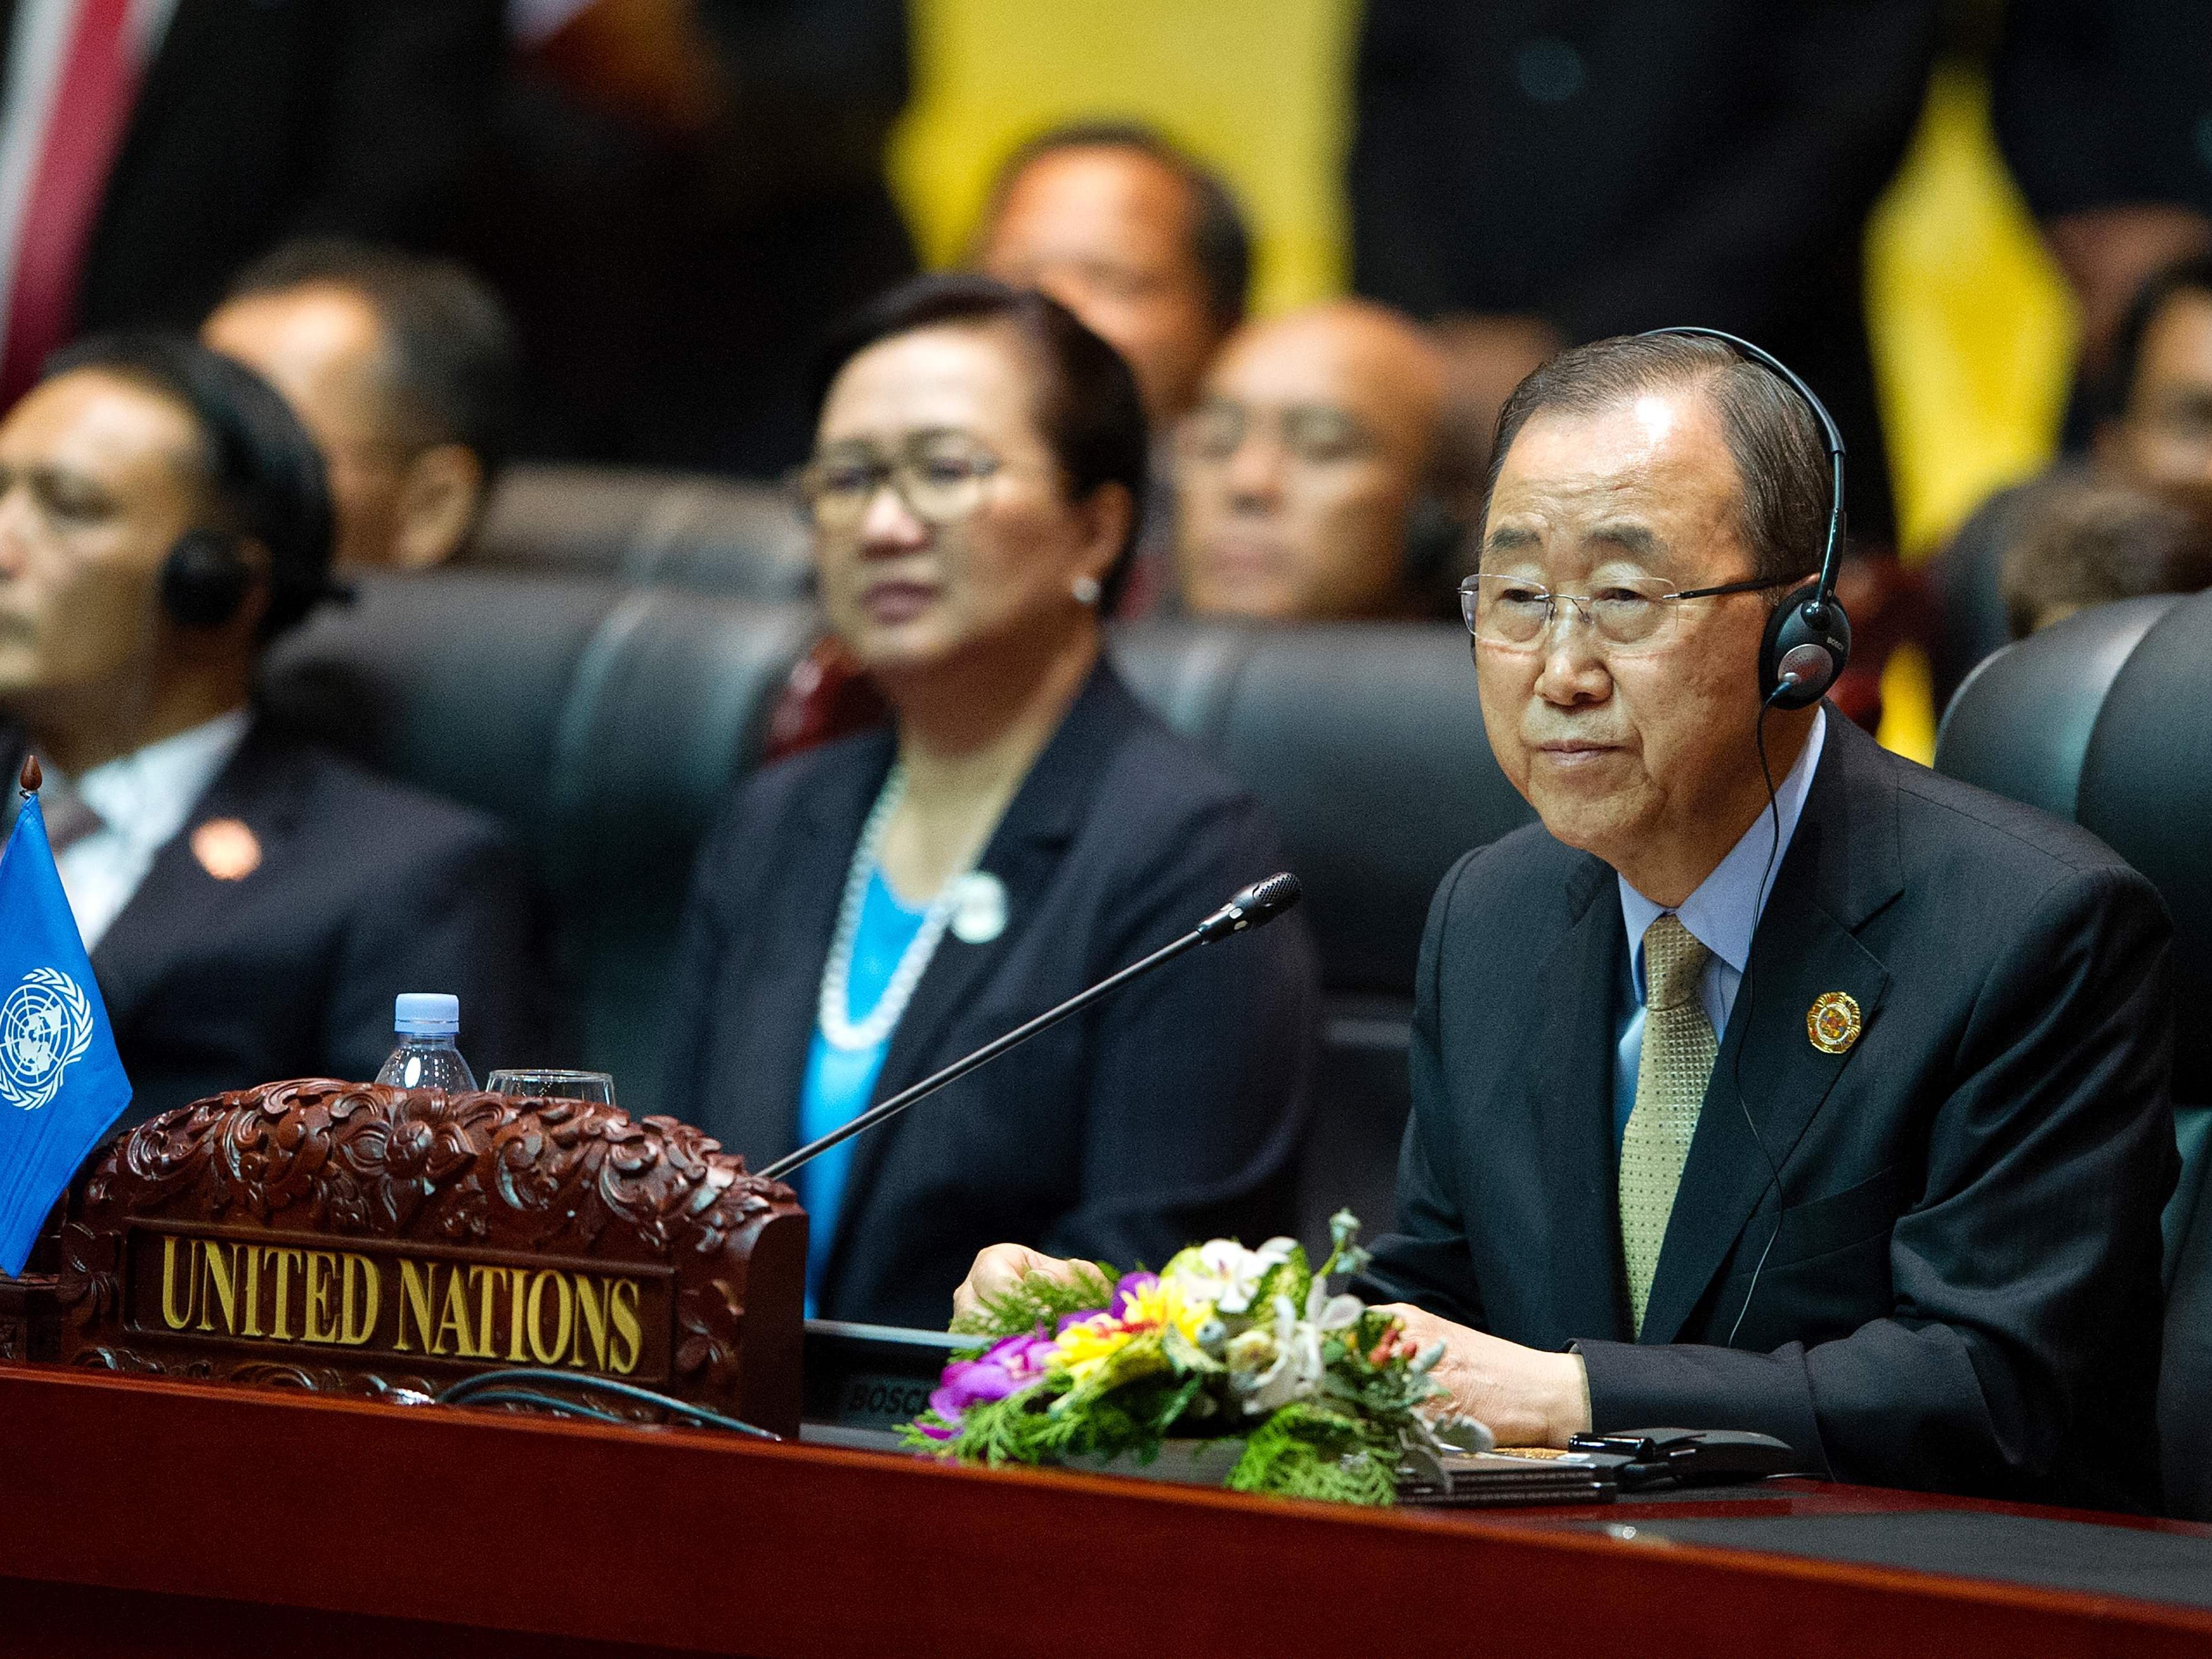 Ban Ki-moon wird sich später noch zu den Vorfällen äußern.